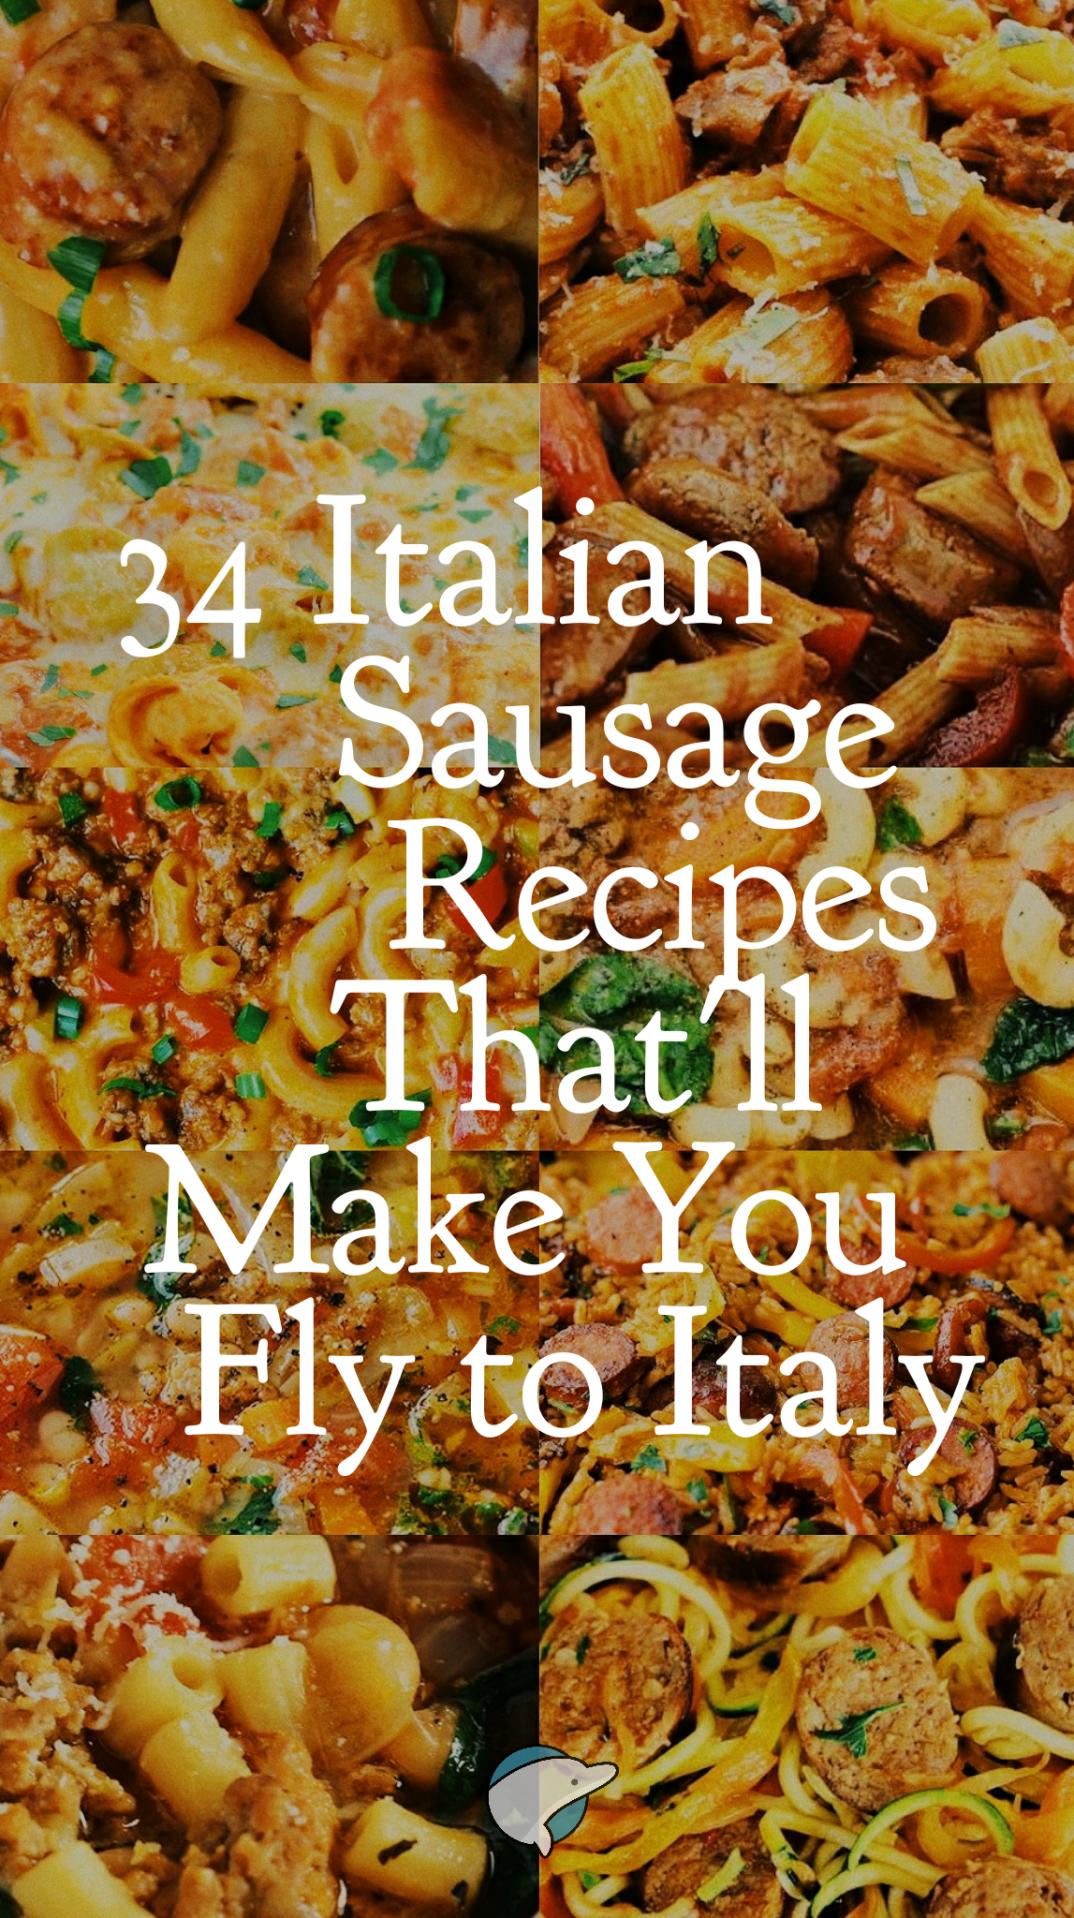 Photo of 34 recetas de salchichas italianas que te harán volar a Italia | Decoración delfín